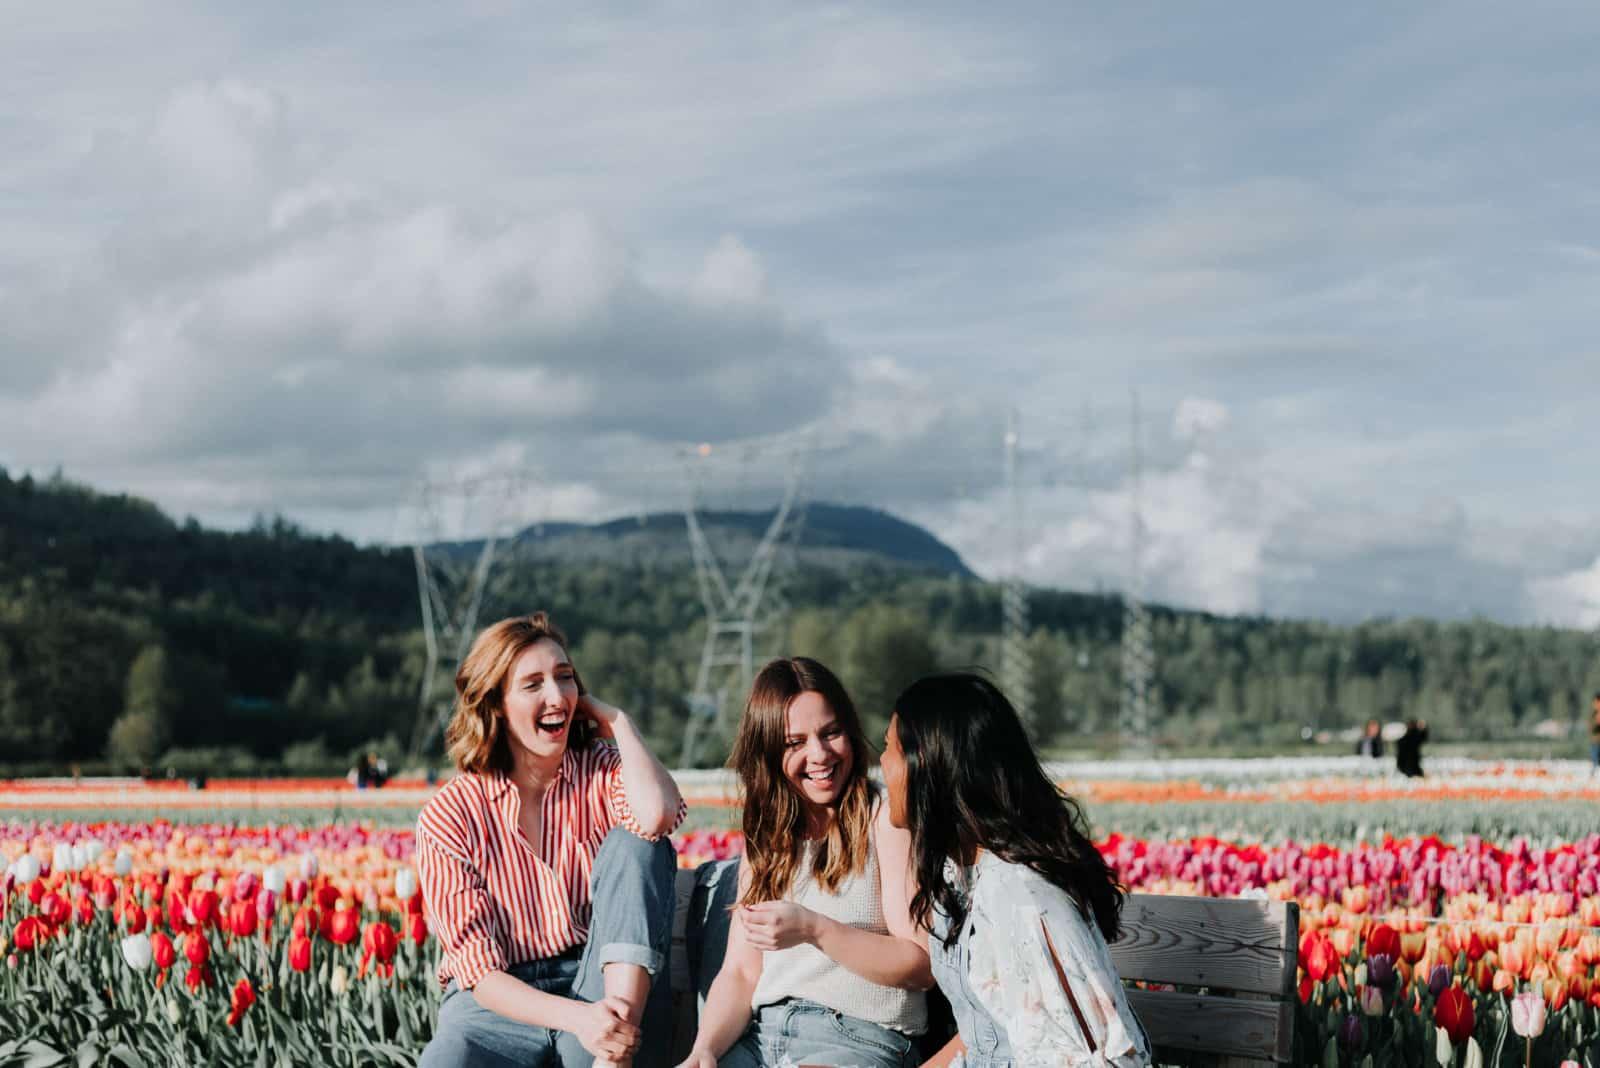 trois femmes souriantes assises sur un banc